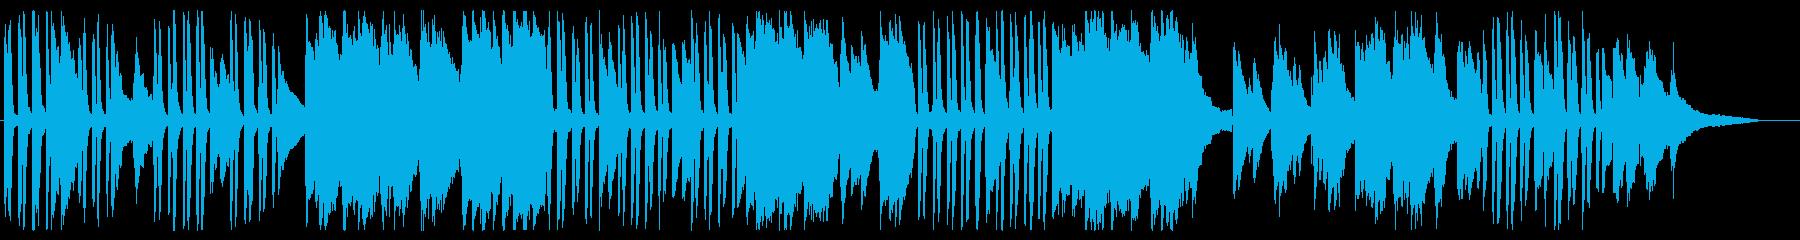 優しげなピアノのポップスの再生済みの波形